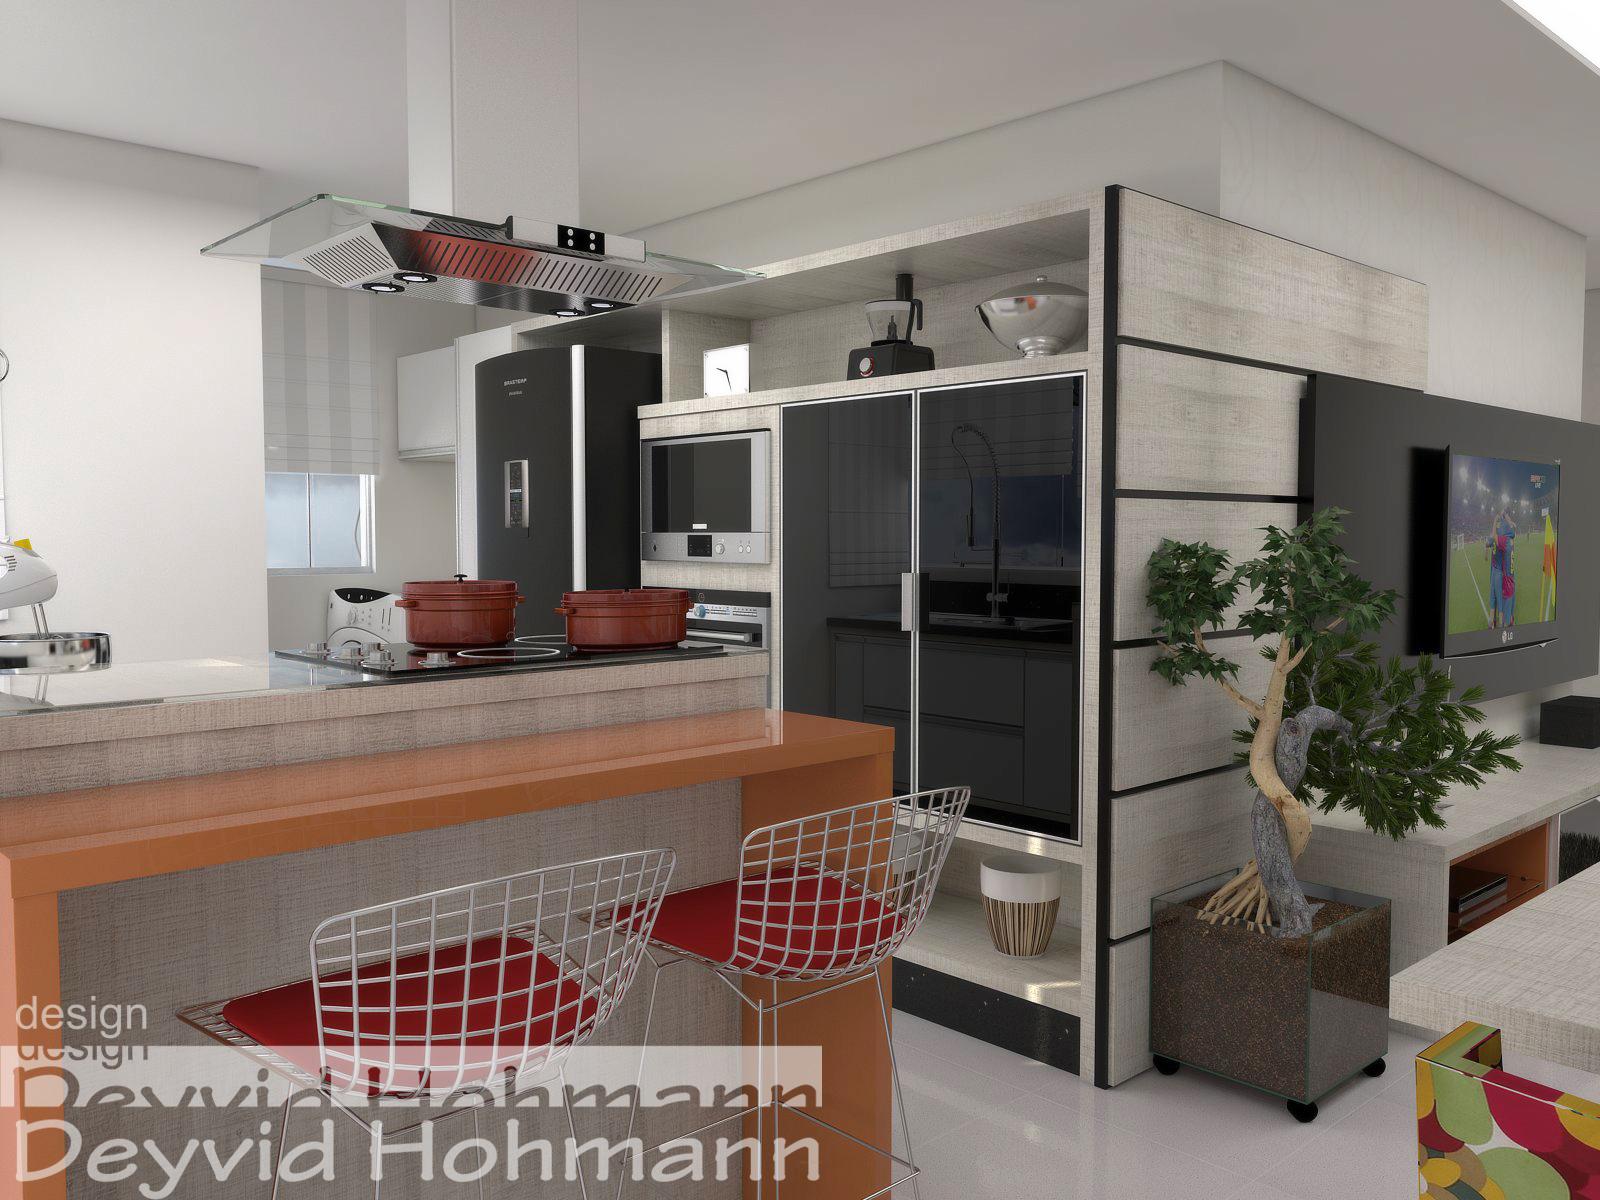 Planta de casas 3 quartos sala cozinha banheiro e garagem #6F3B2E 1600 1200